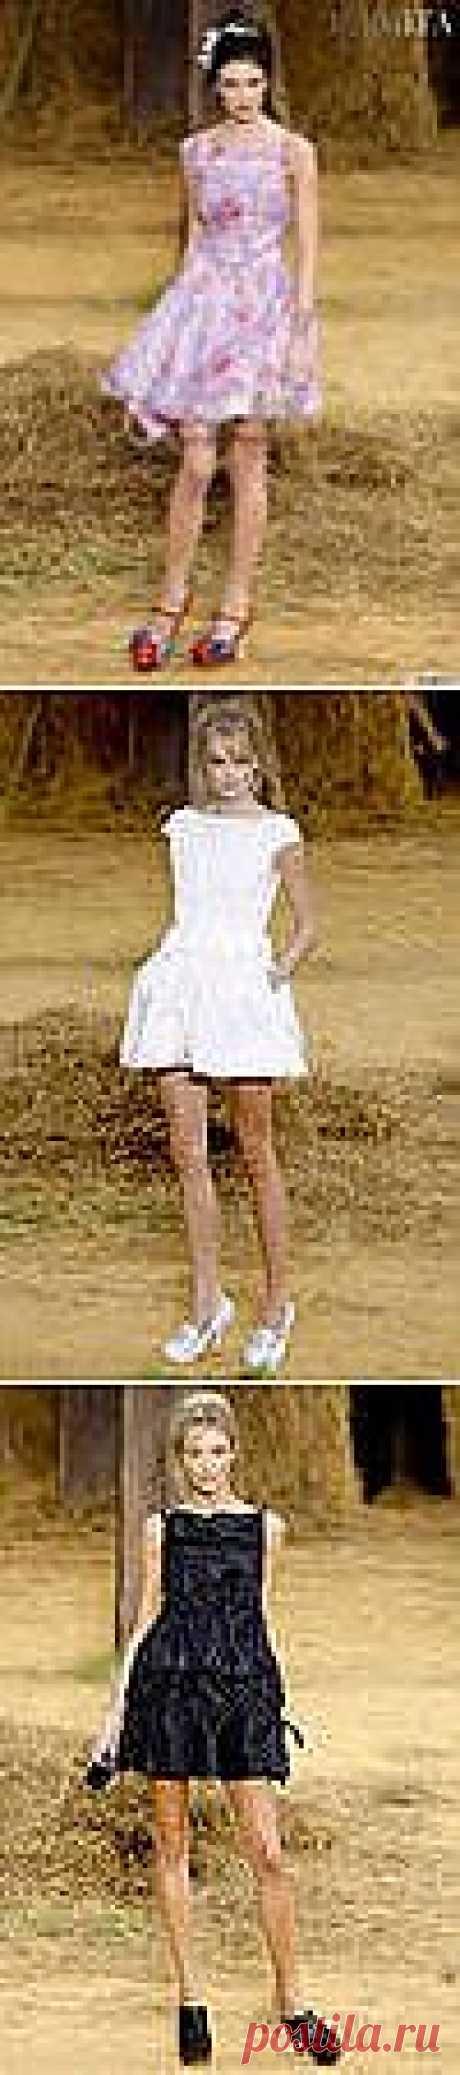 шанель платья: 141 тыс изображений найдено в Яндекс.Картинках